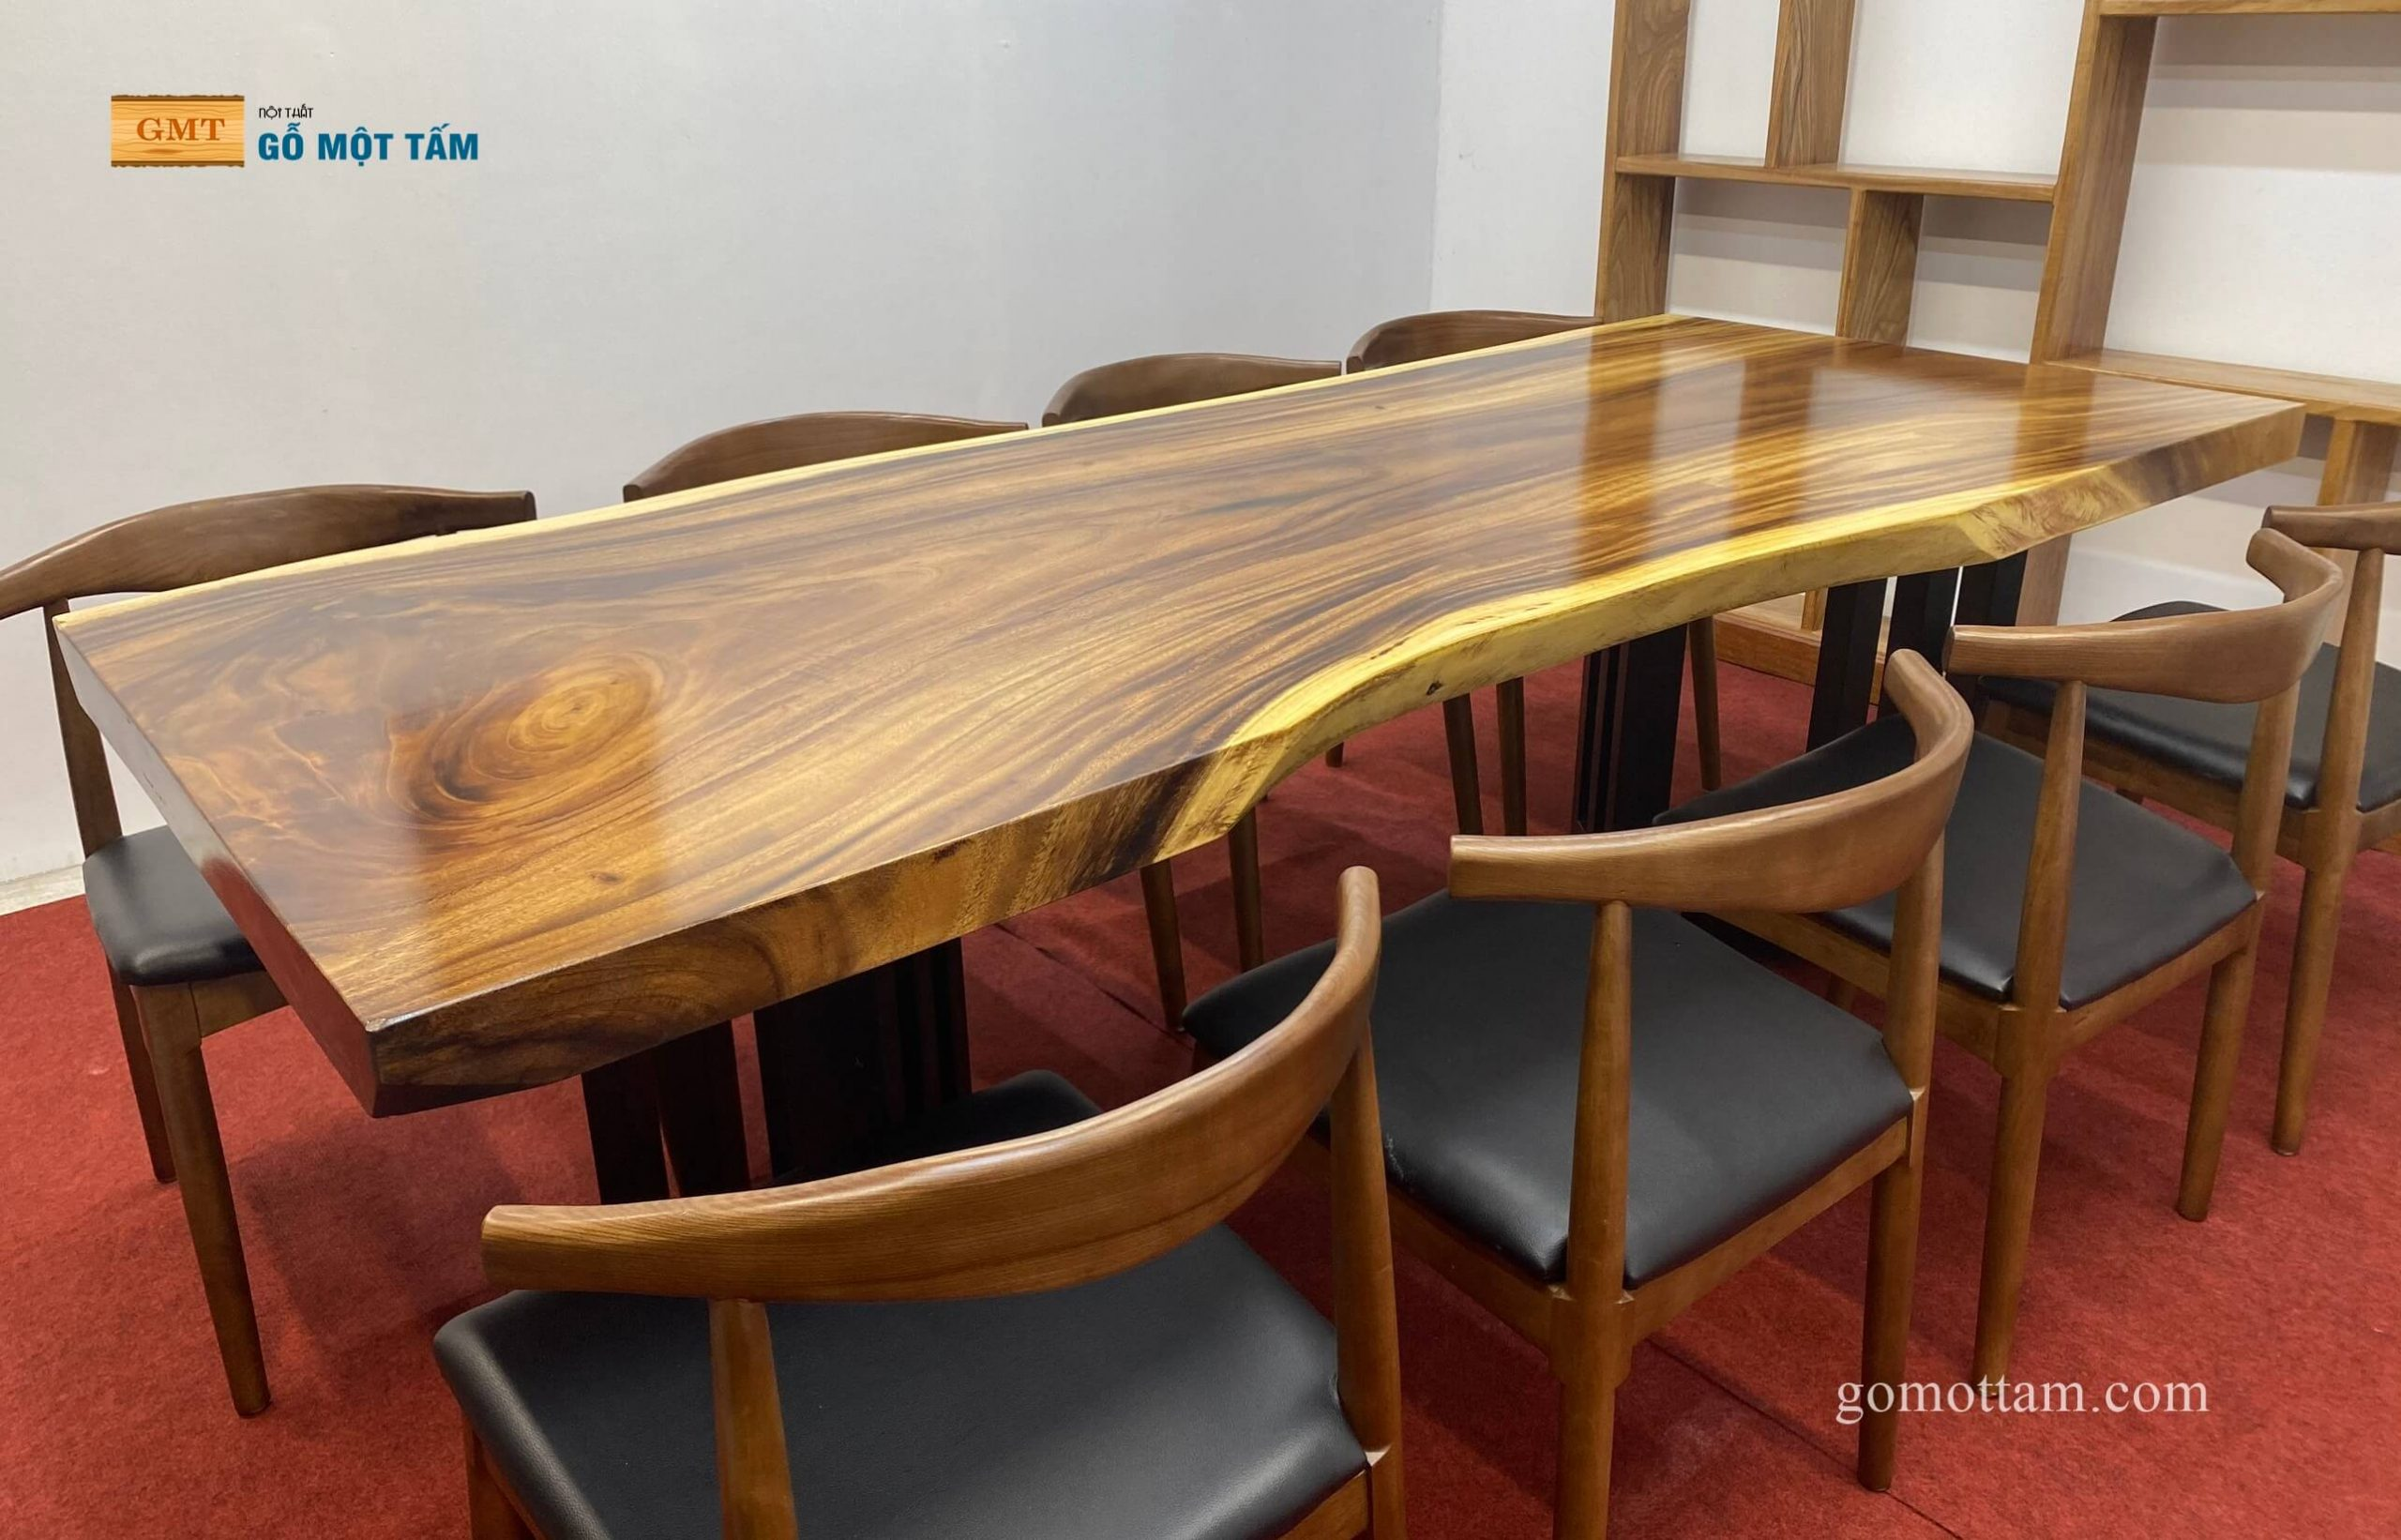 bàn ăn gỗ me tây hcm